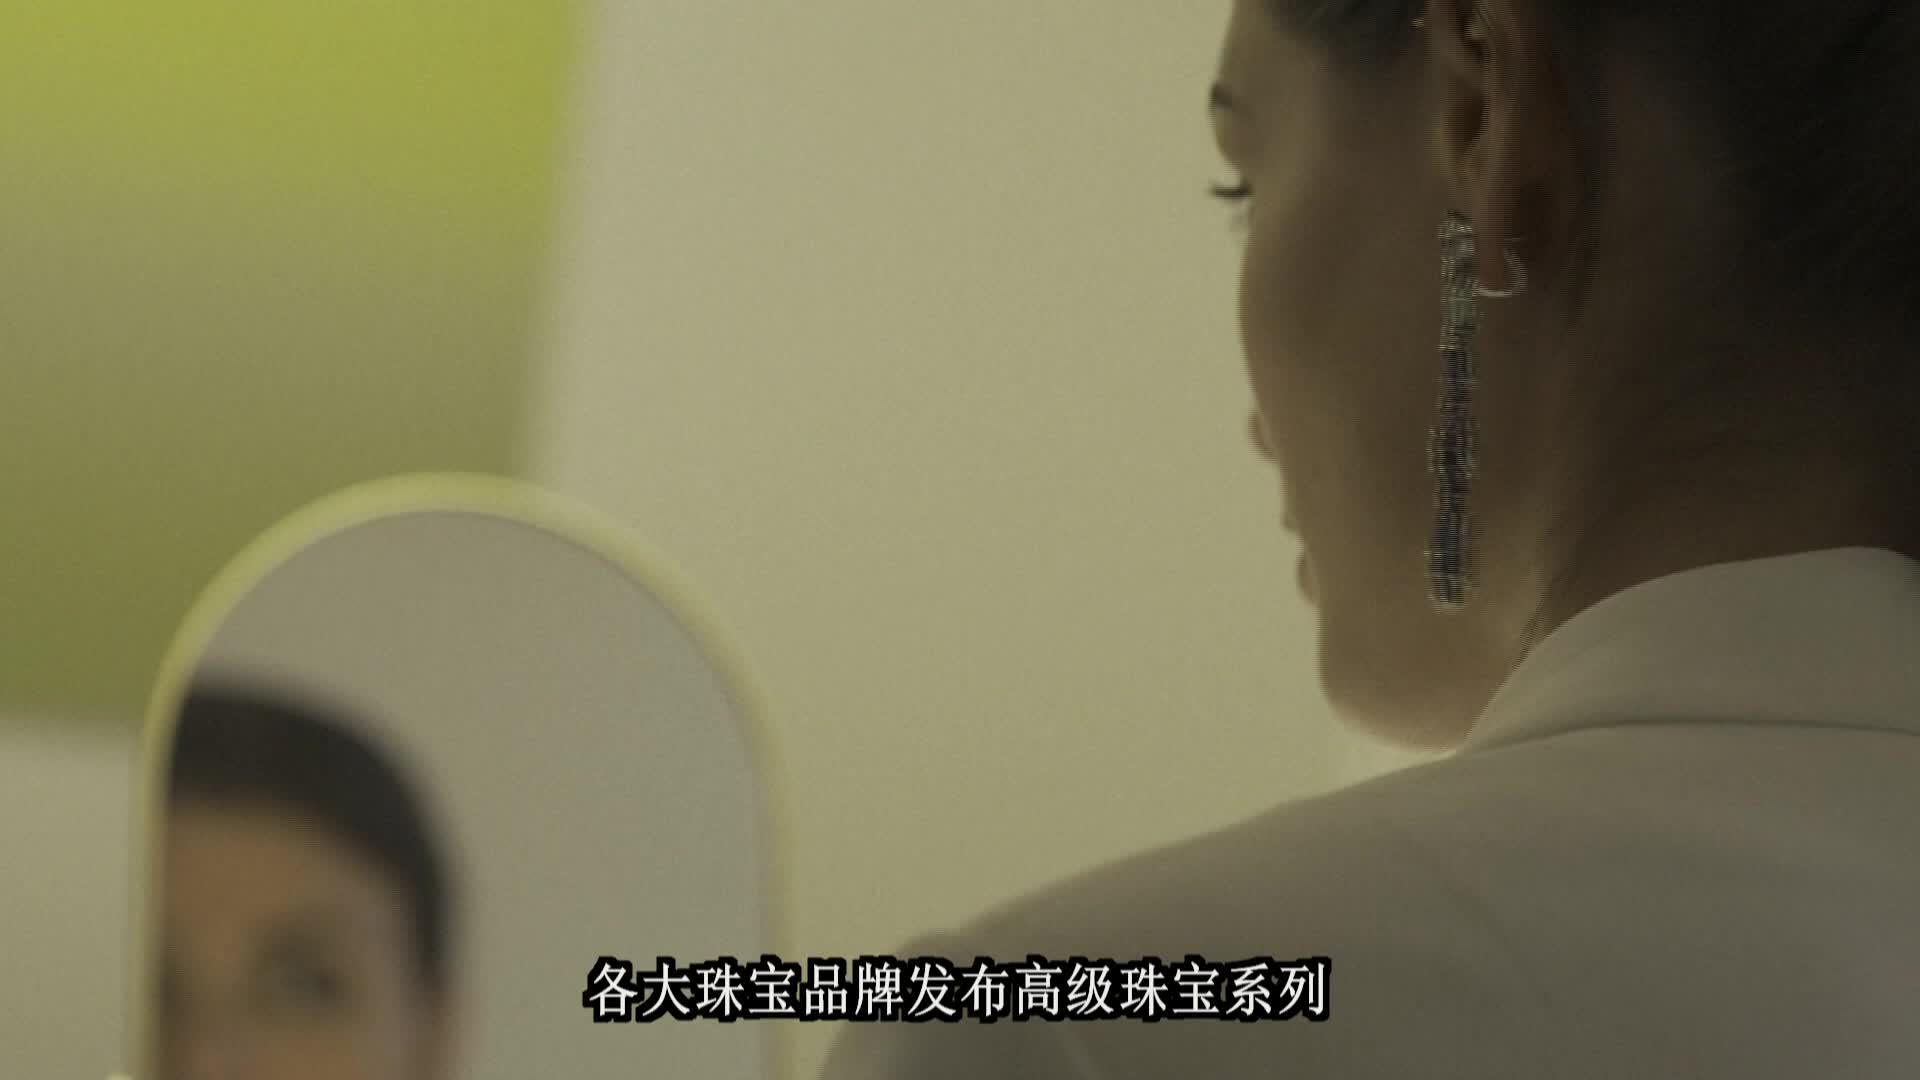 极尽奢华  2019春夏高级珠宝新品合集